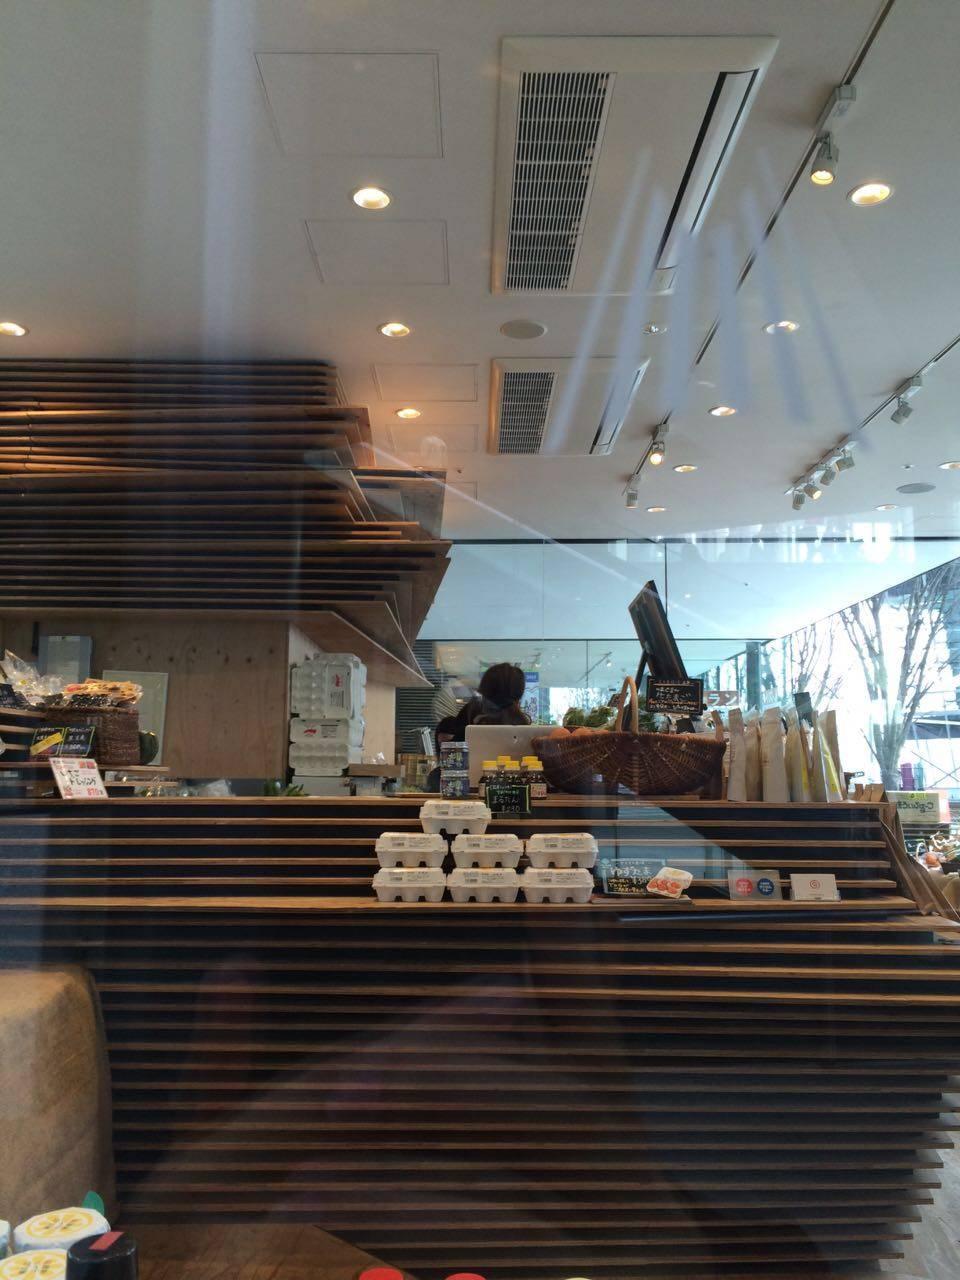 #伙伴一起看日本#  日本设计考察分享(更新美秀美术馆)_IMG_4662.JPG